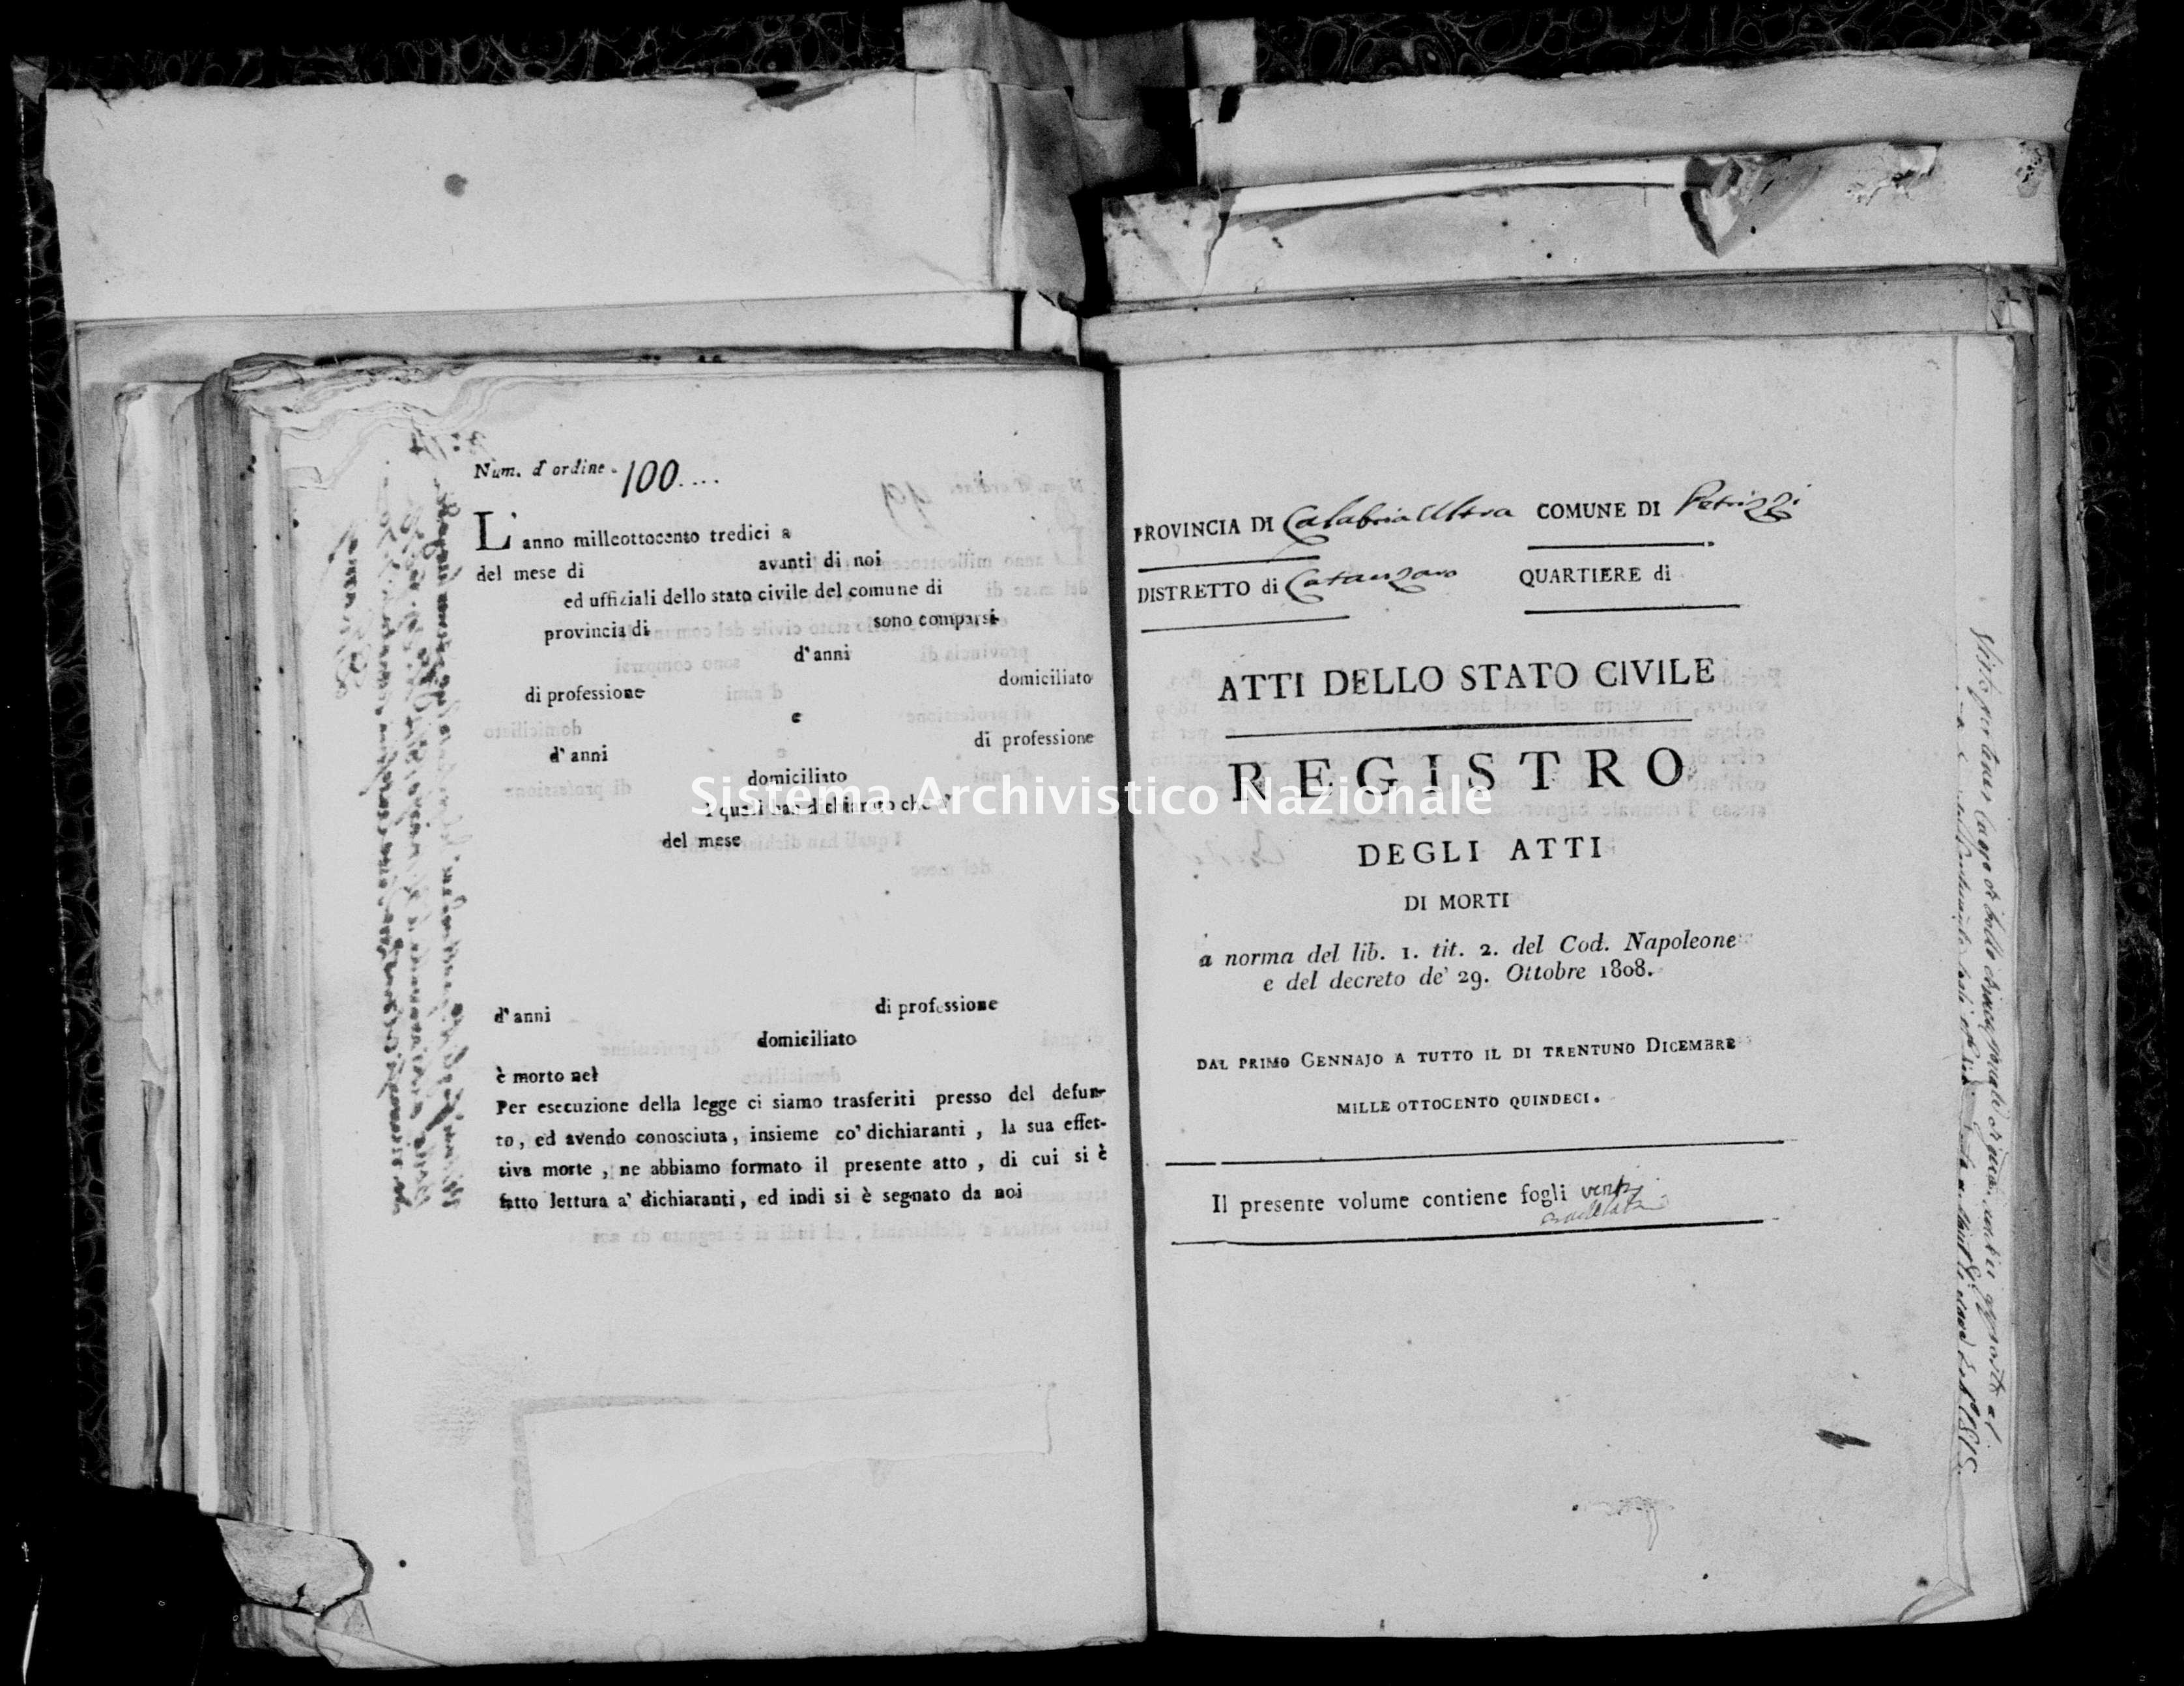 Archivio di stato di Catanzaro - Stato civile napoleonico - Petrizzi - Morti - 1815 - 2129 -